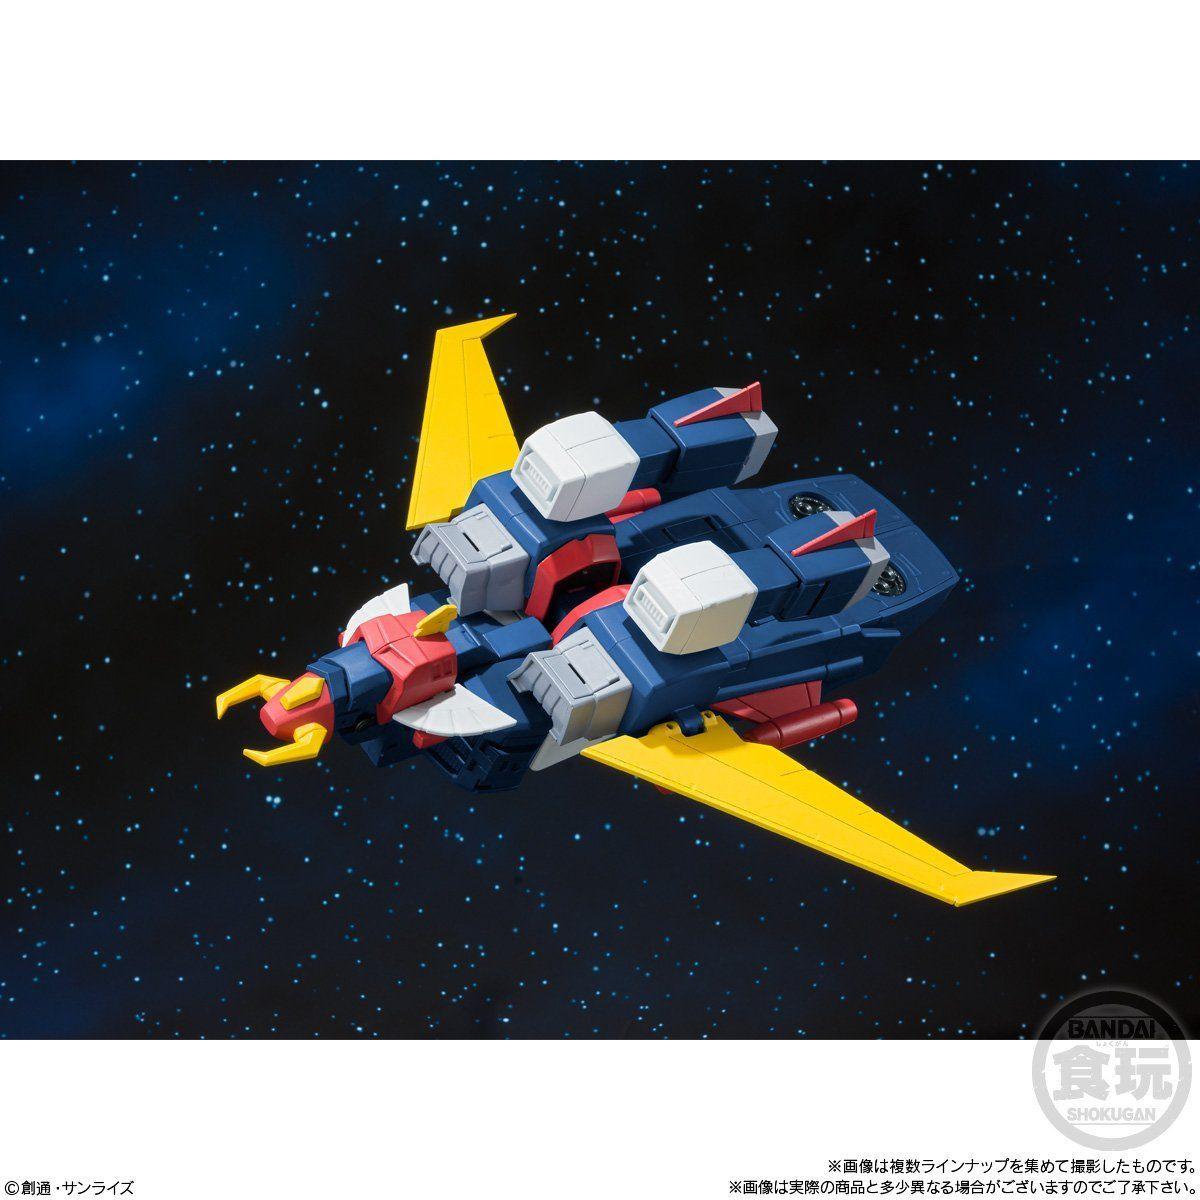 【食玩】スーパーミニプラ『無敵ロボ トライダーG7』3個入りBOX-004